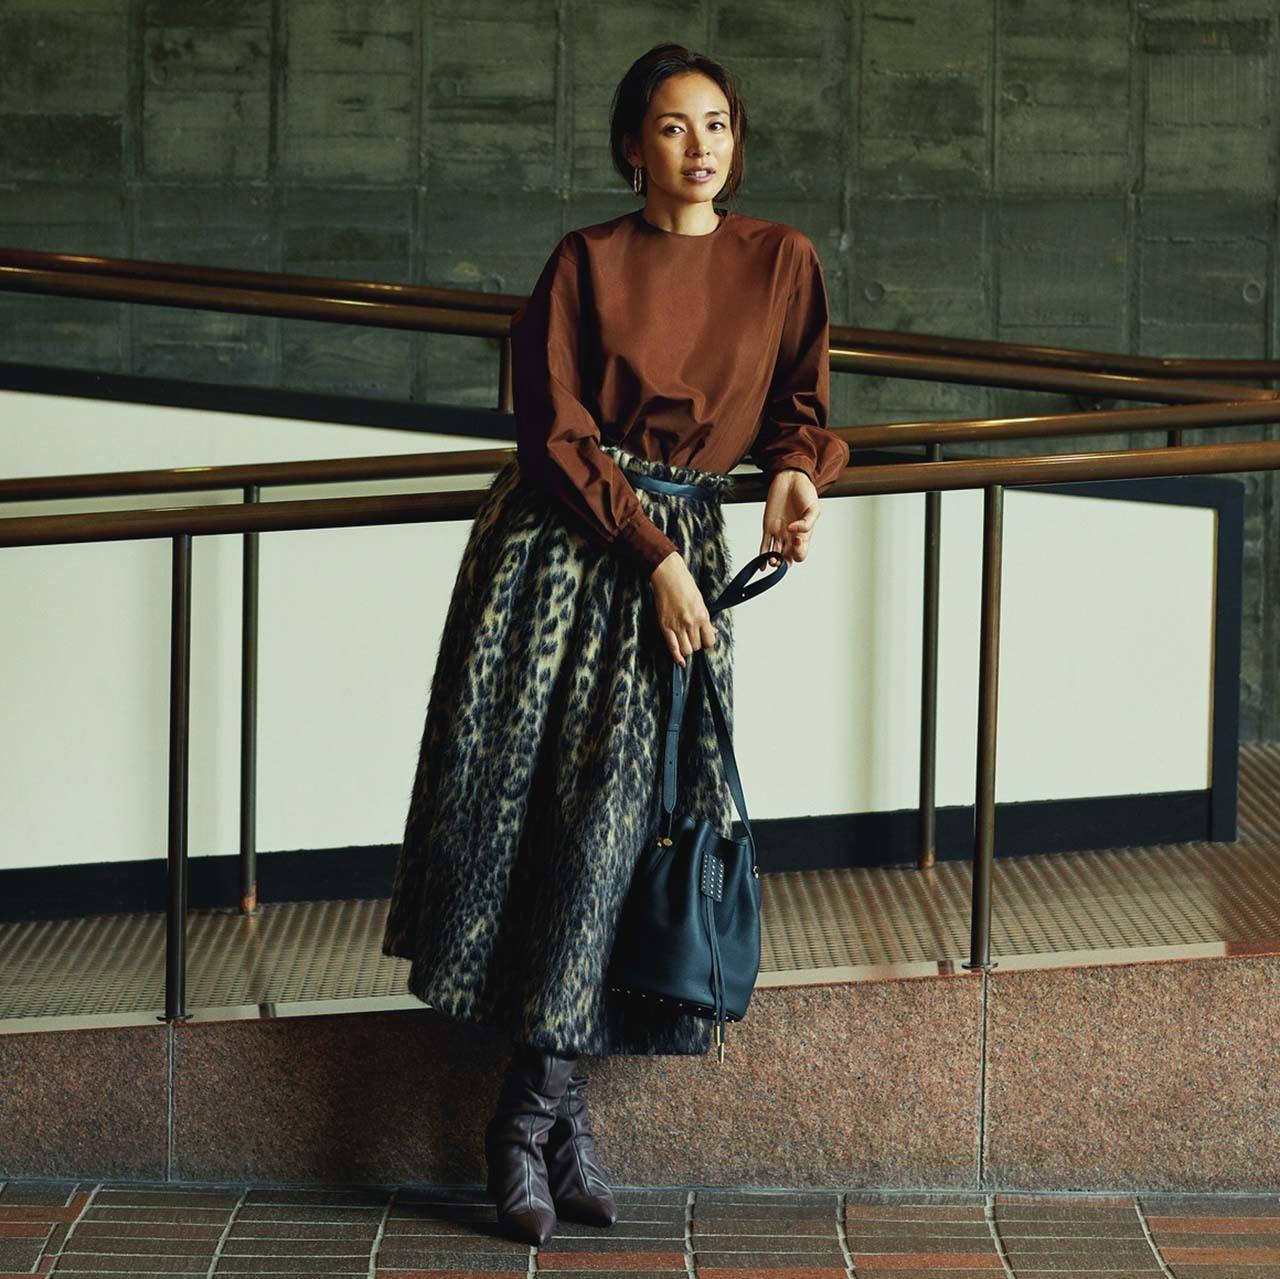 ブラウス×レオパード柄シャギースカートの上品ブラウンコーデ